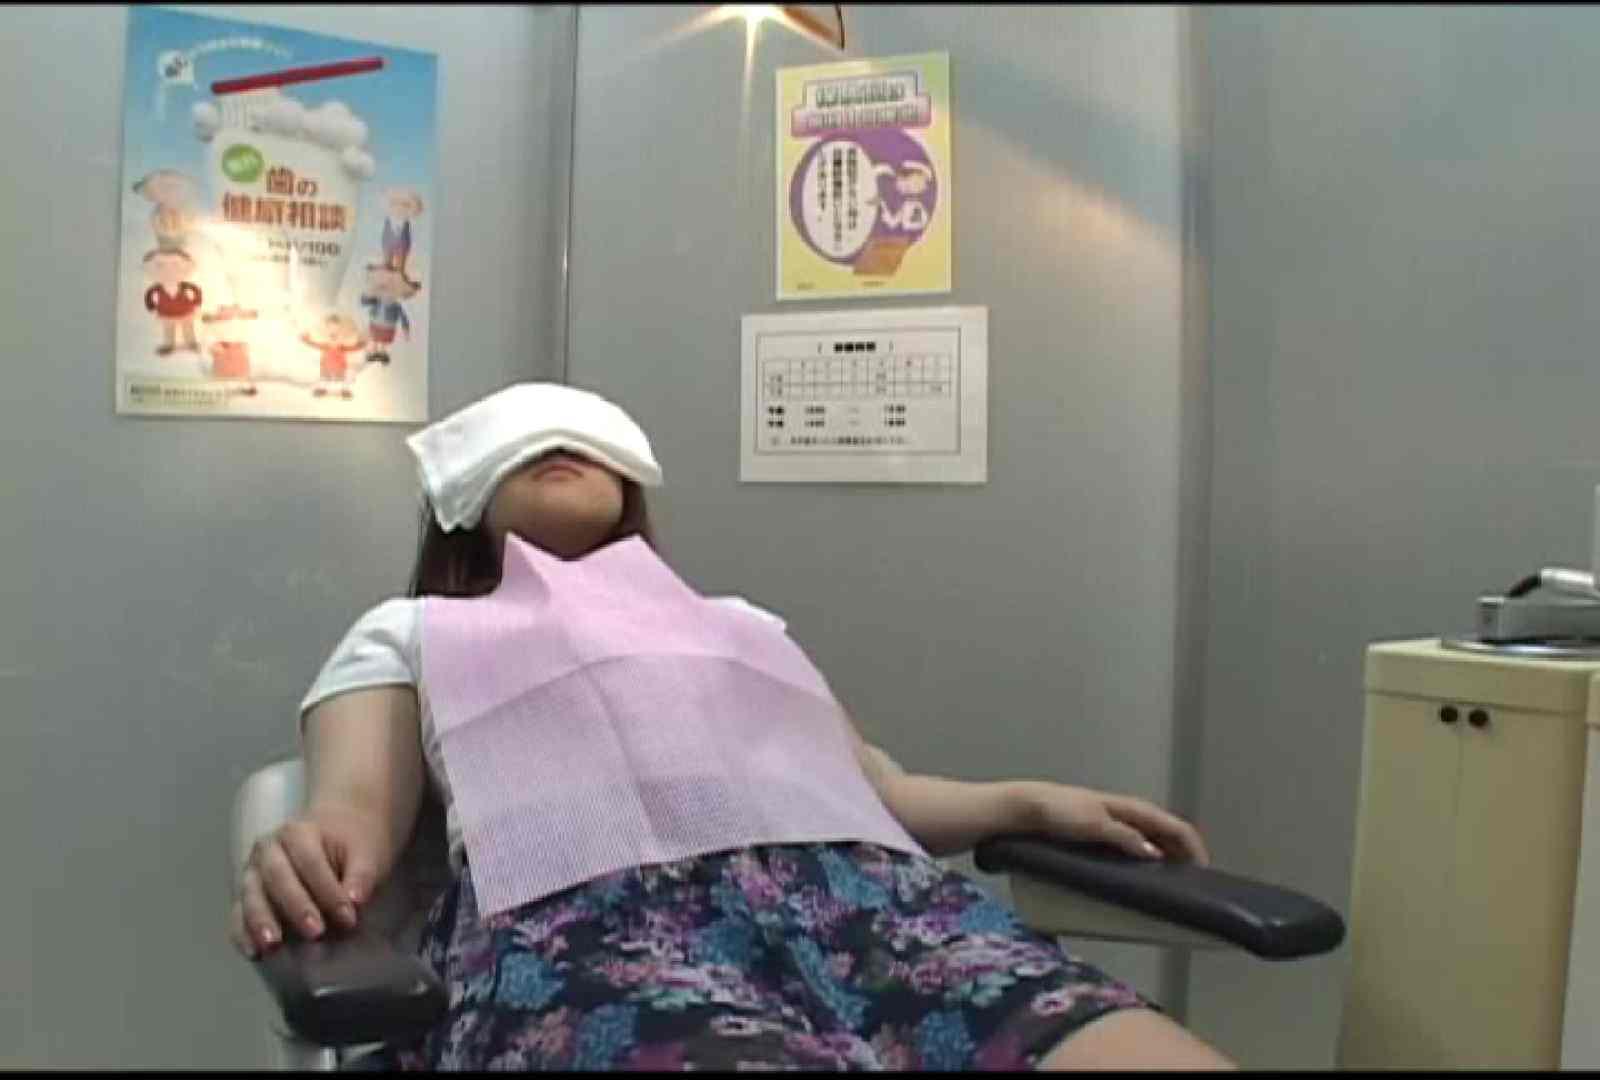 看護師が流出させた歯科医院接写パンツVol.1 S級美女ギャル オマンコ動画キャプチャ 88画像 17